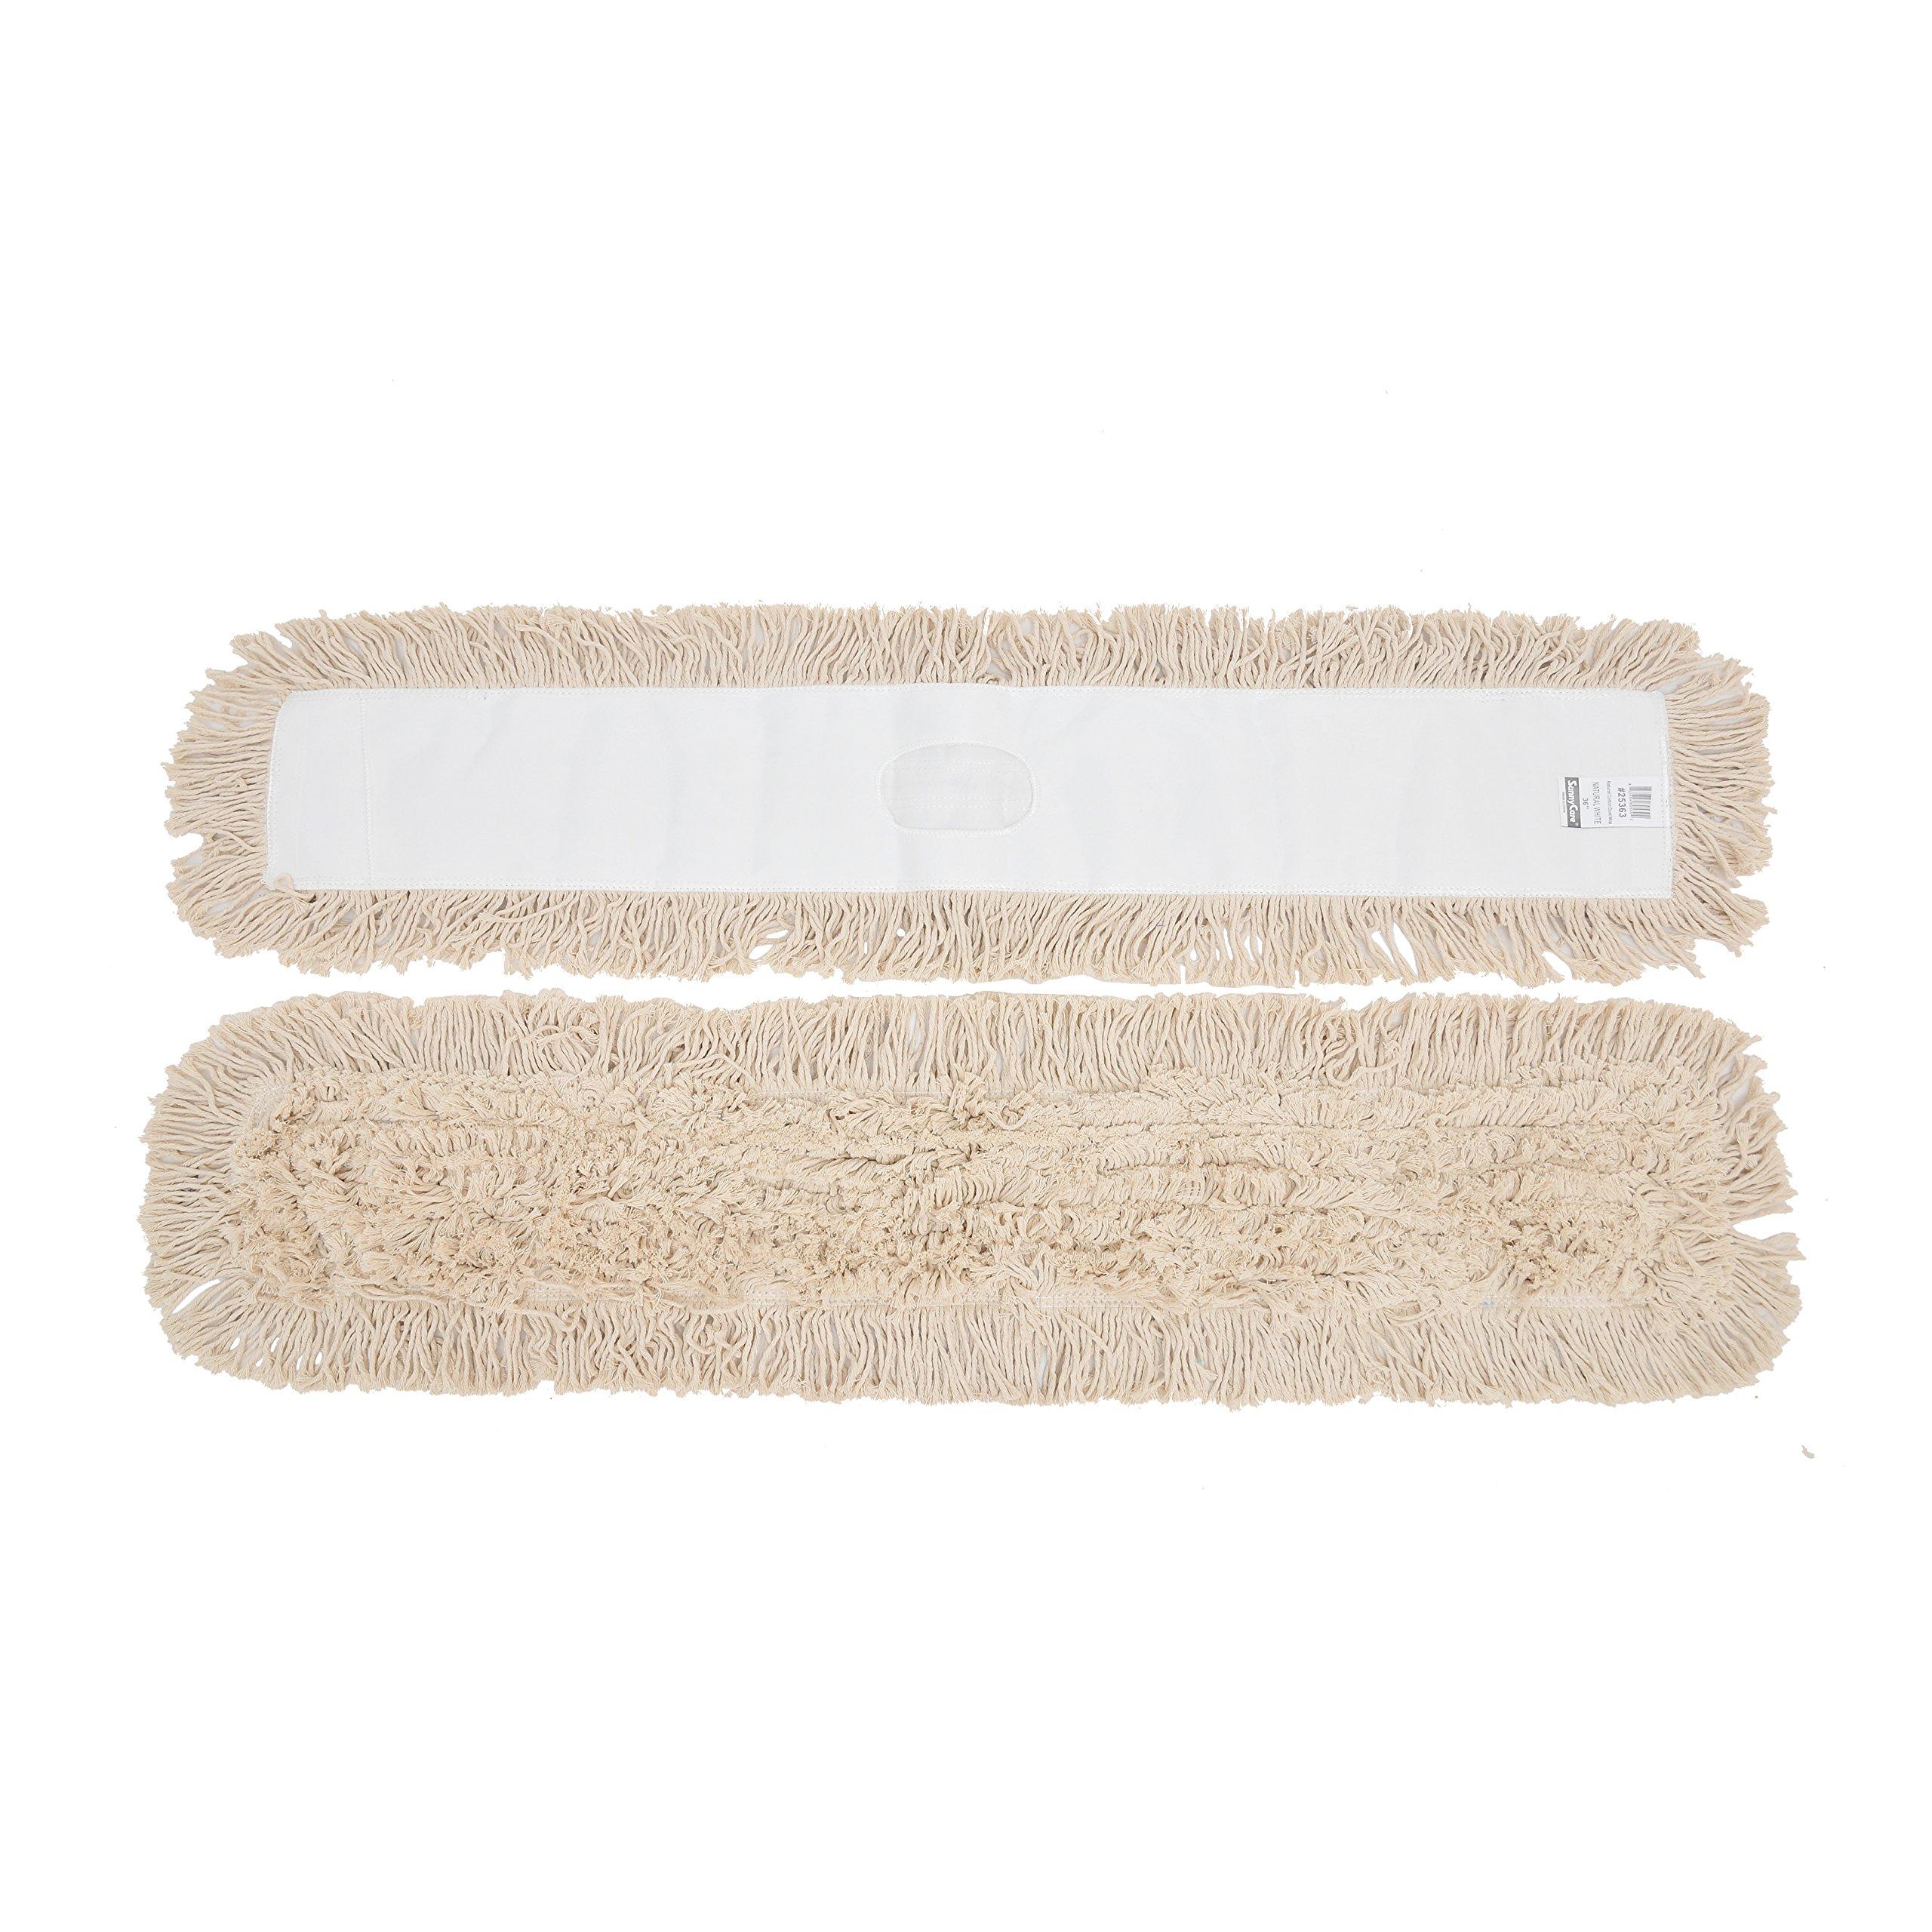 1doz. 48'' x 5'' SunnyCare #25483 Natural Cotton Dust Mop 12pcs/Case